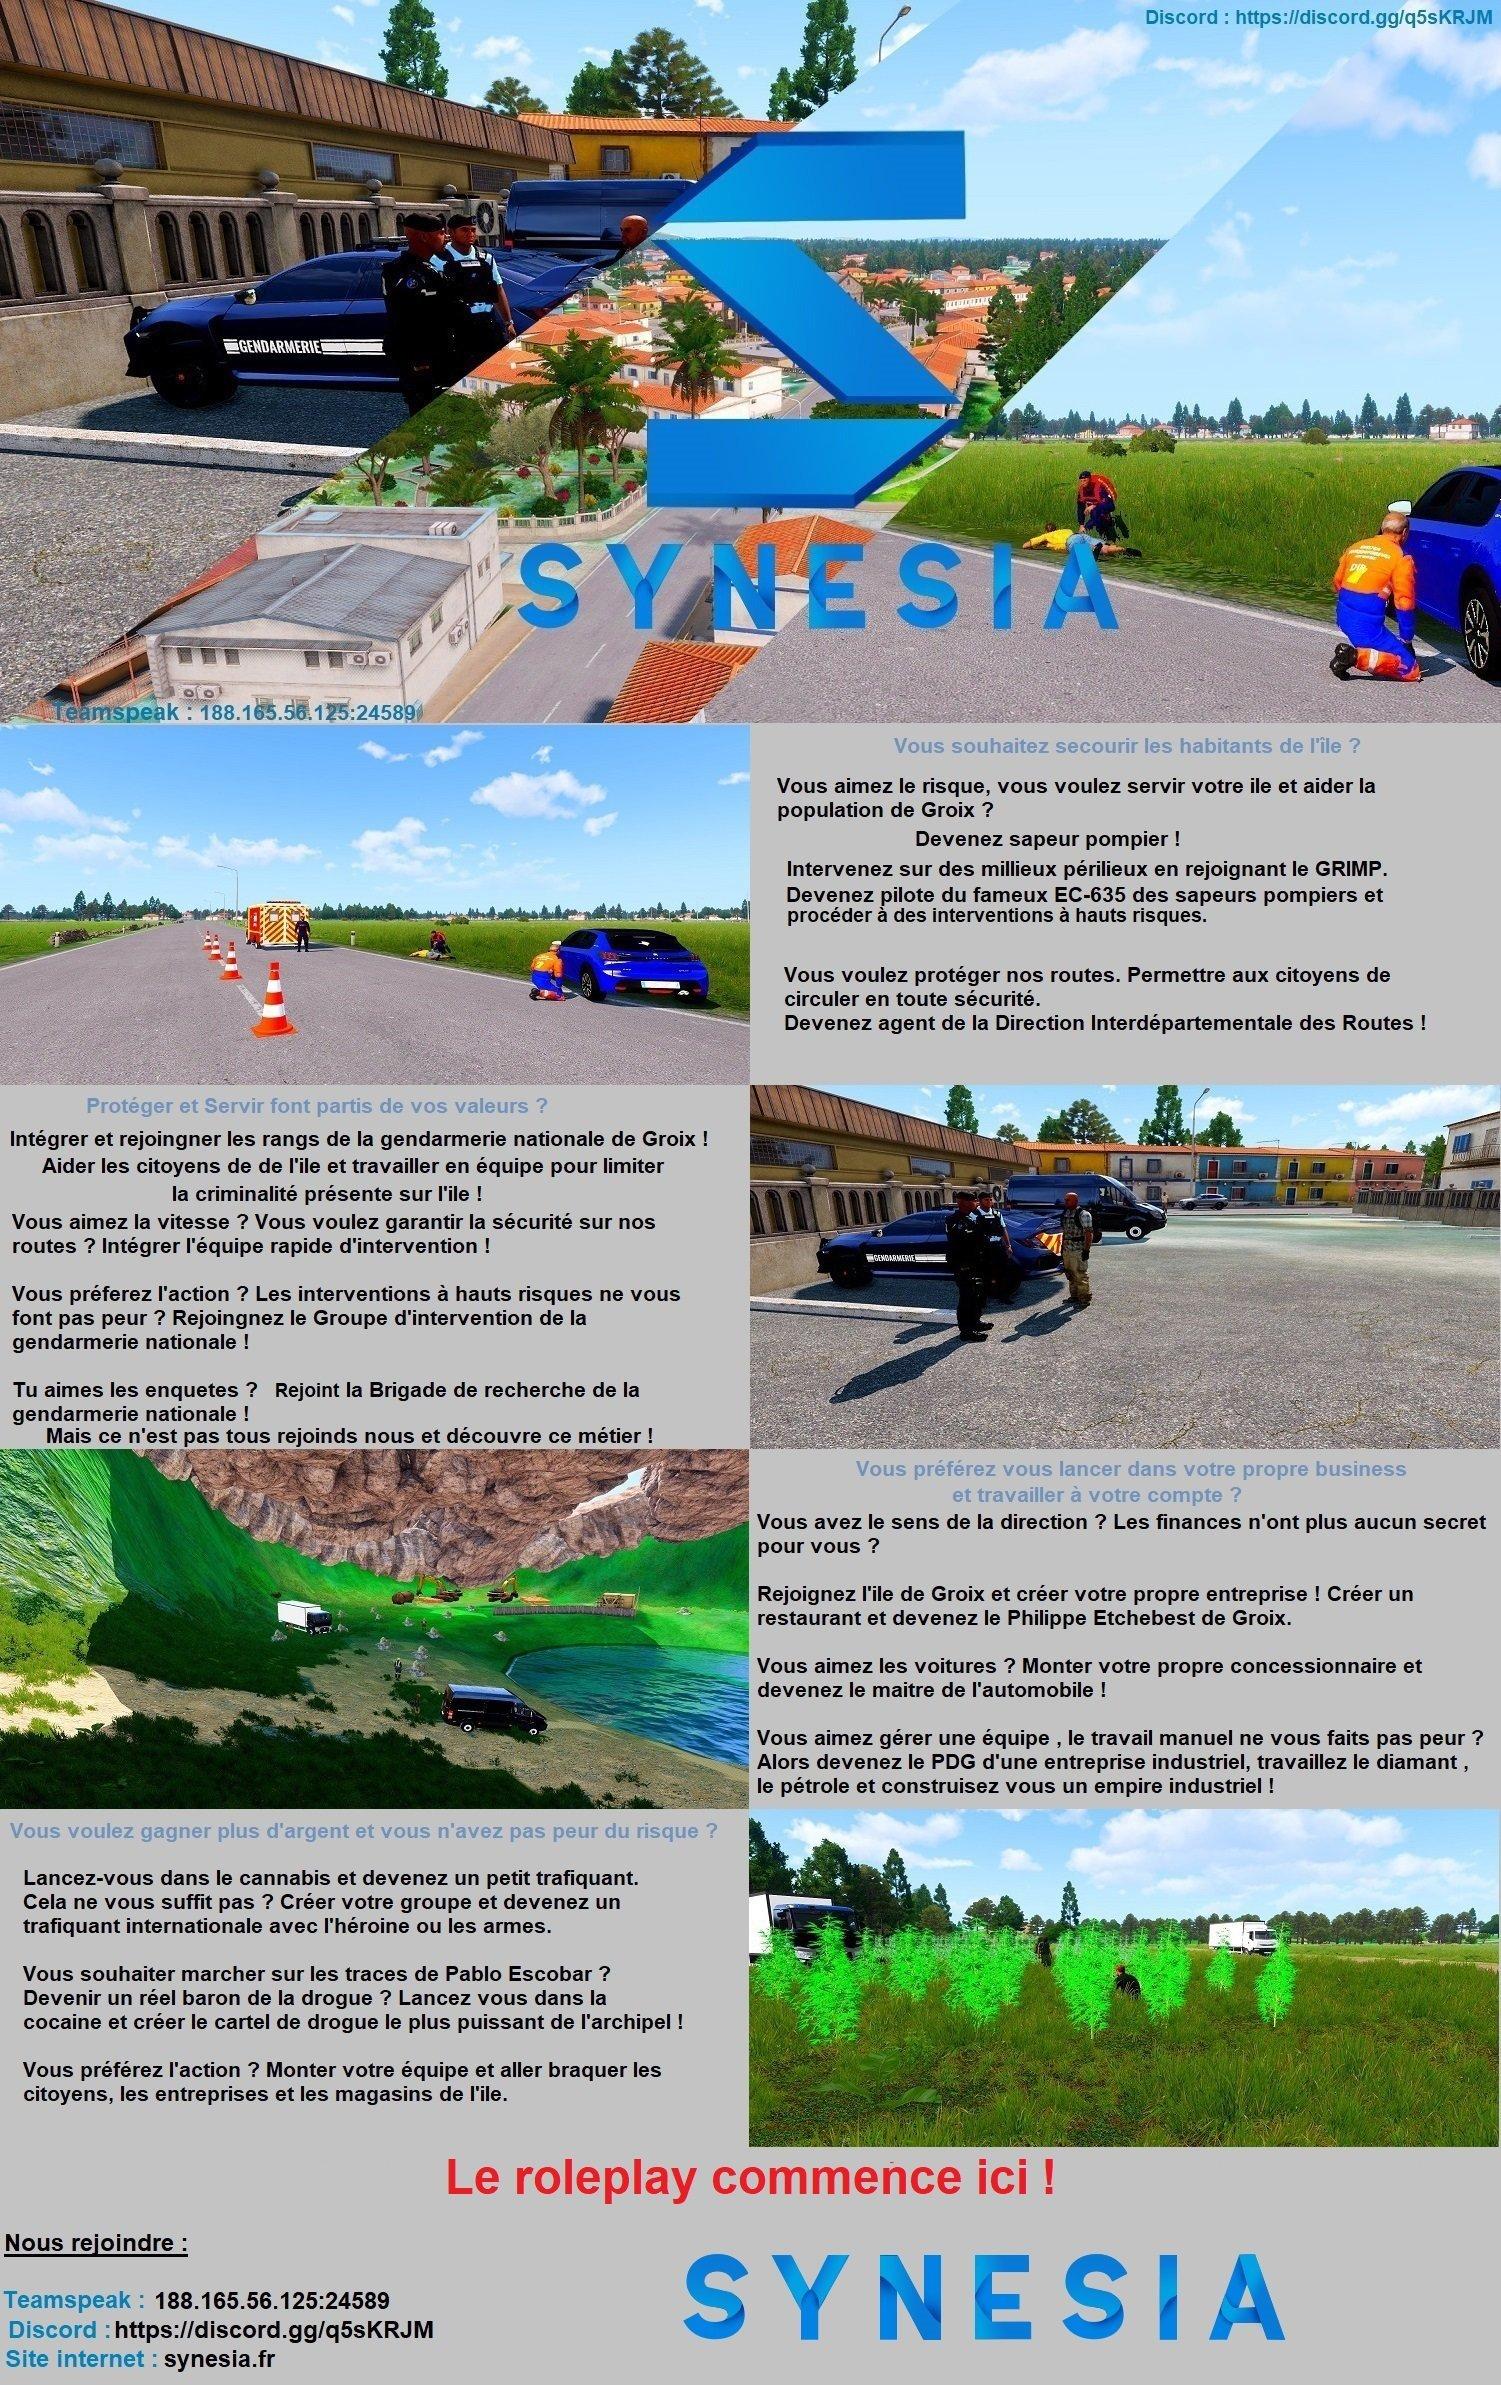 5e7bce5bef2d2-1585171989-synesia.jpg